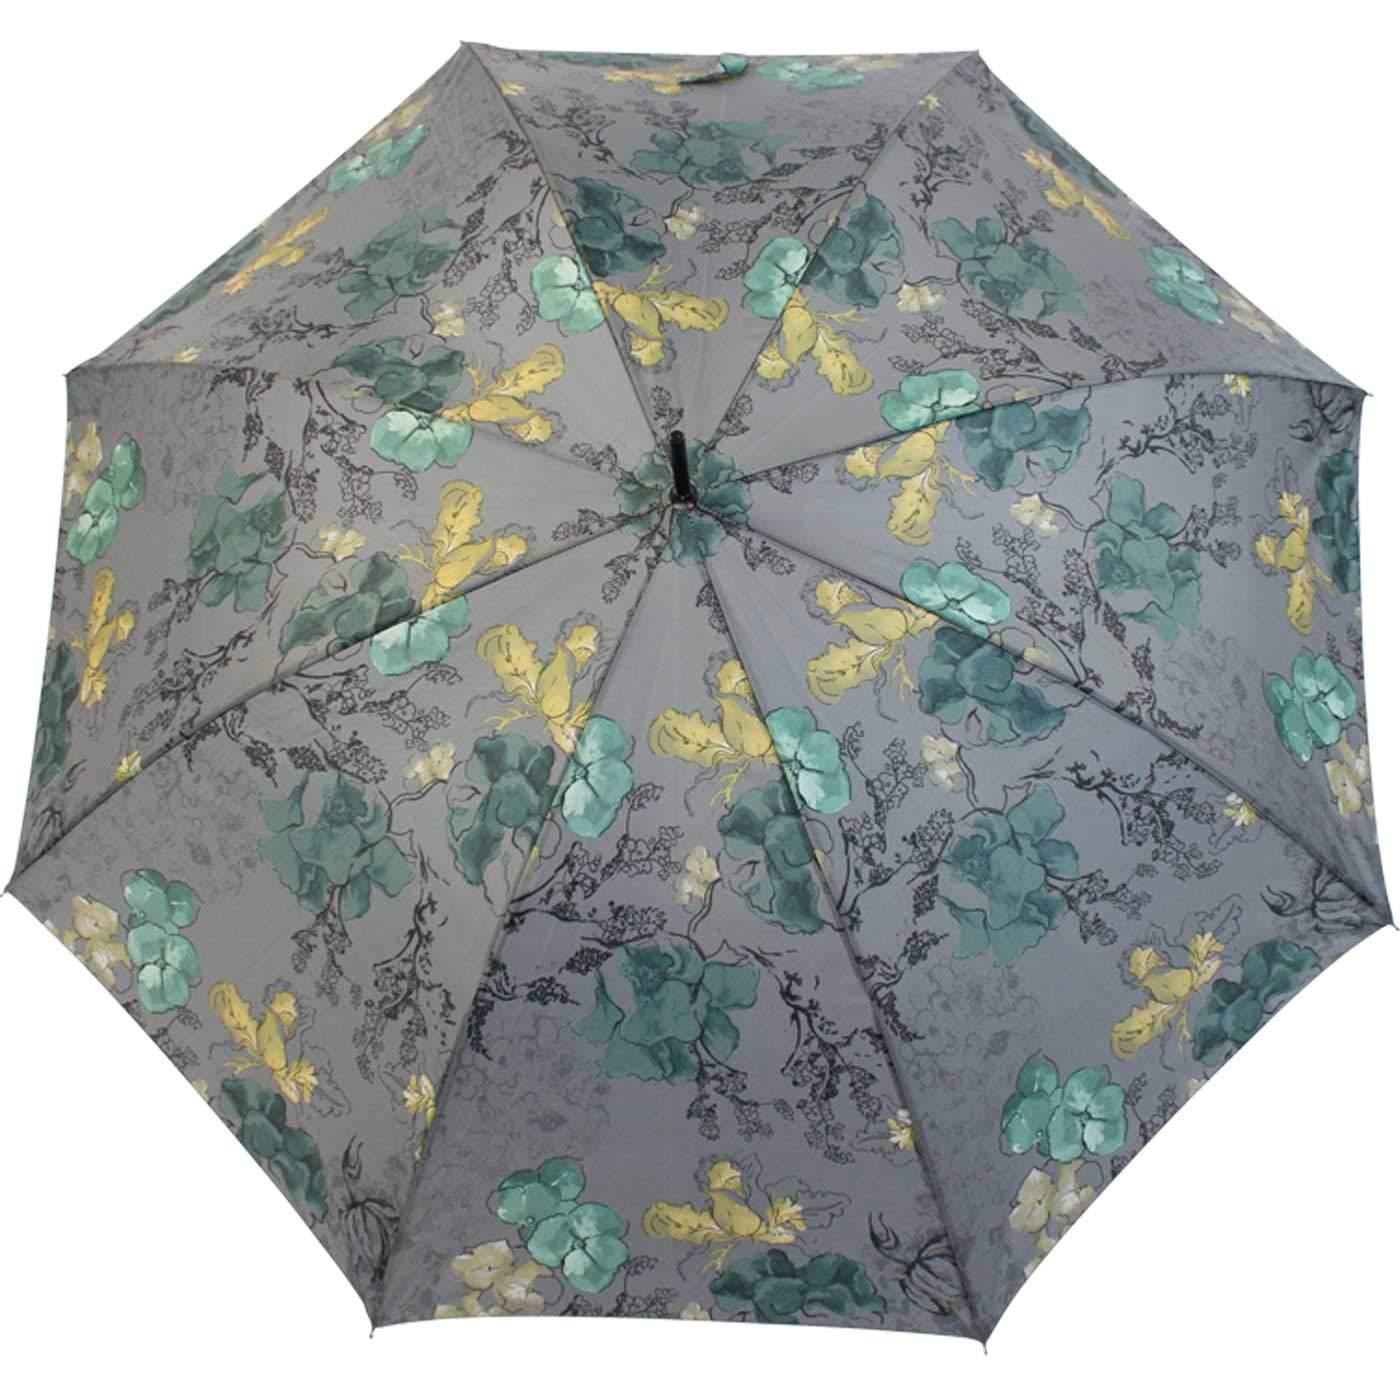 Pierre Cardin Parapluie cannes Femme Multicolore bleu 105 cm